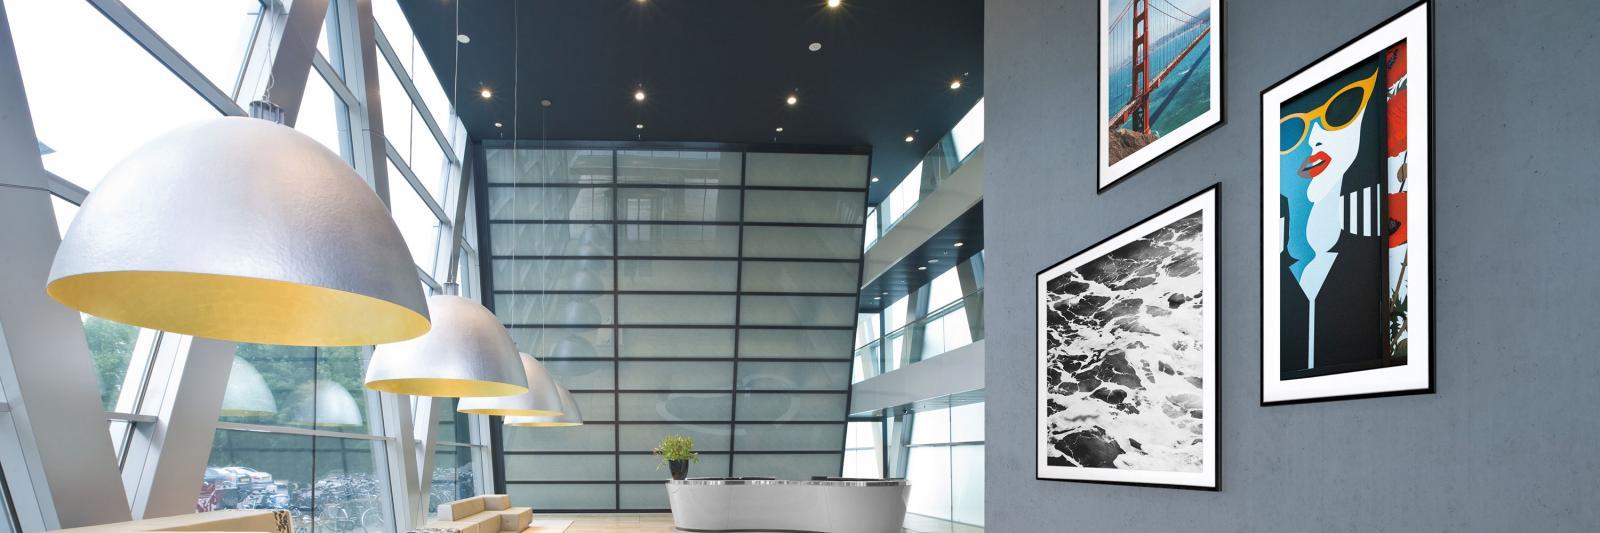 Beschichtete und selbstklebende Fotopapiere - moderne Eingangshalle mit Kunstdrucken auf einer grauen Wand